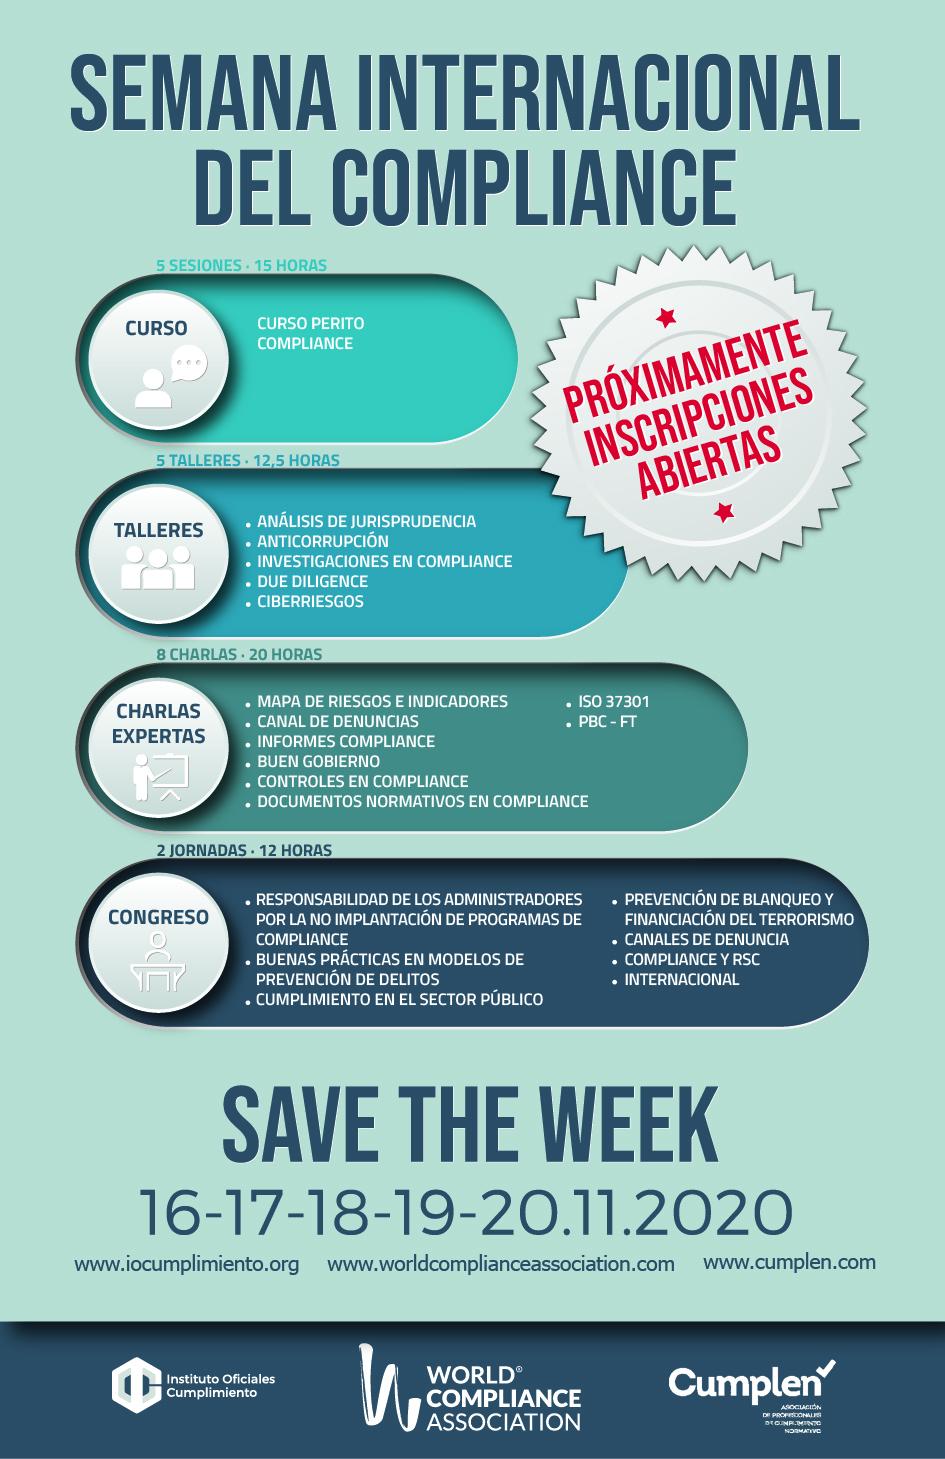 SEMANA INTERNACIONAL DEL COMPLIANCE 16-17-18-1-20 nov 2020